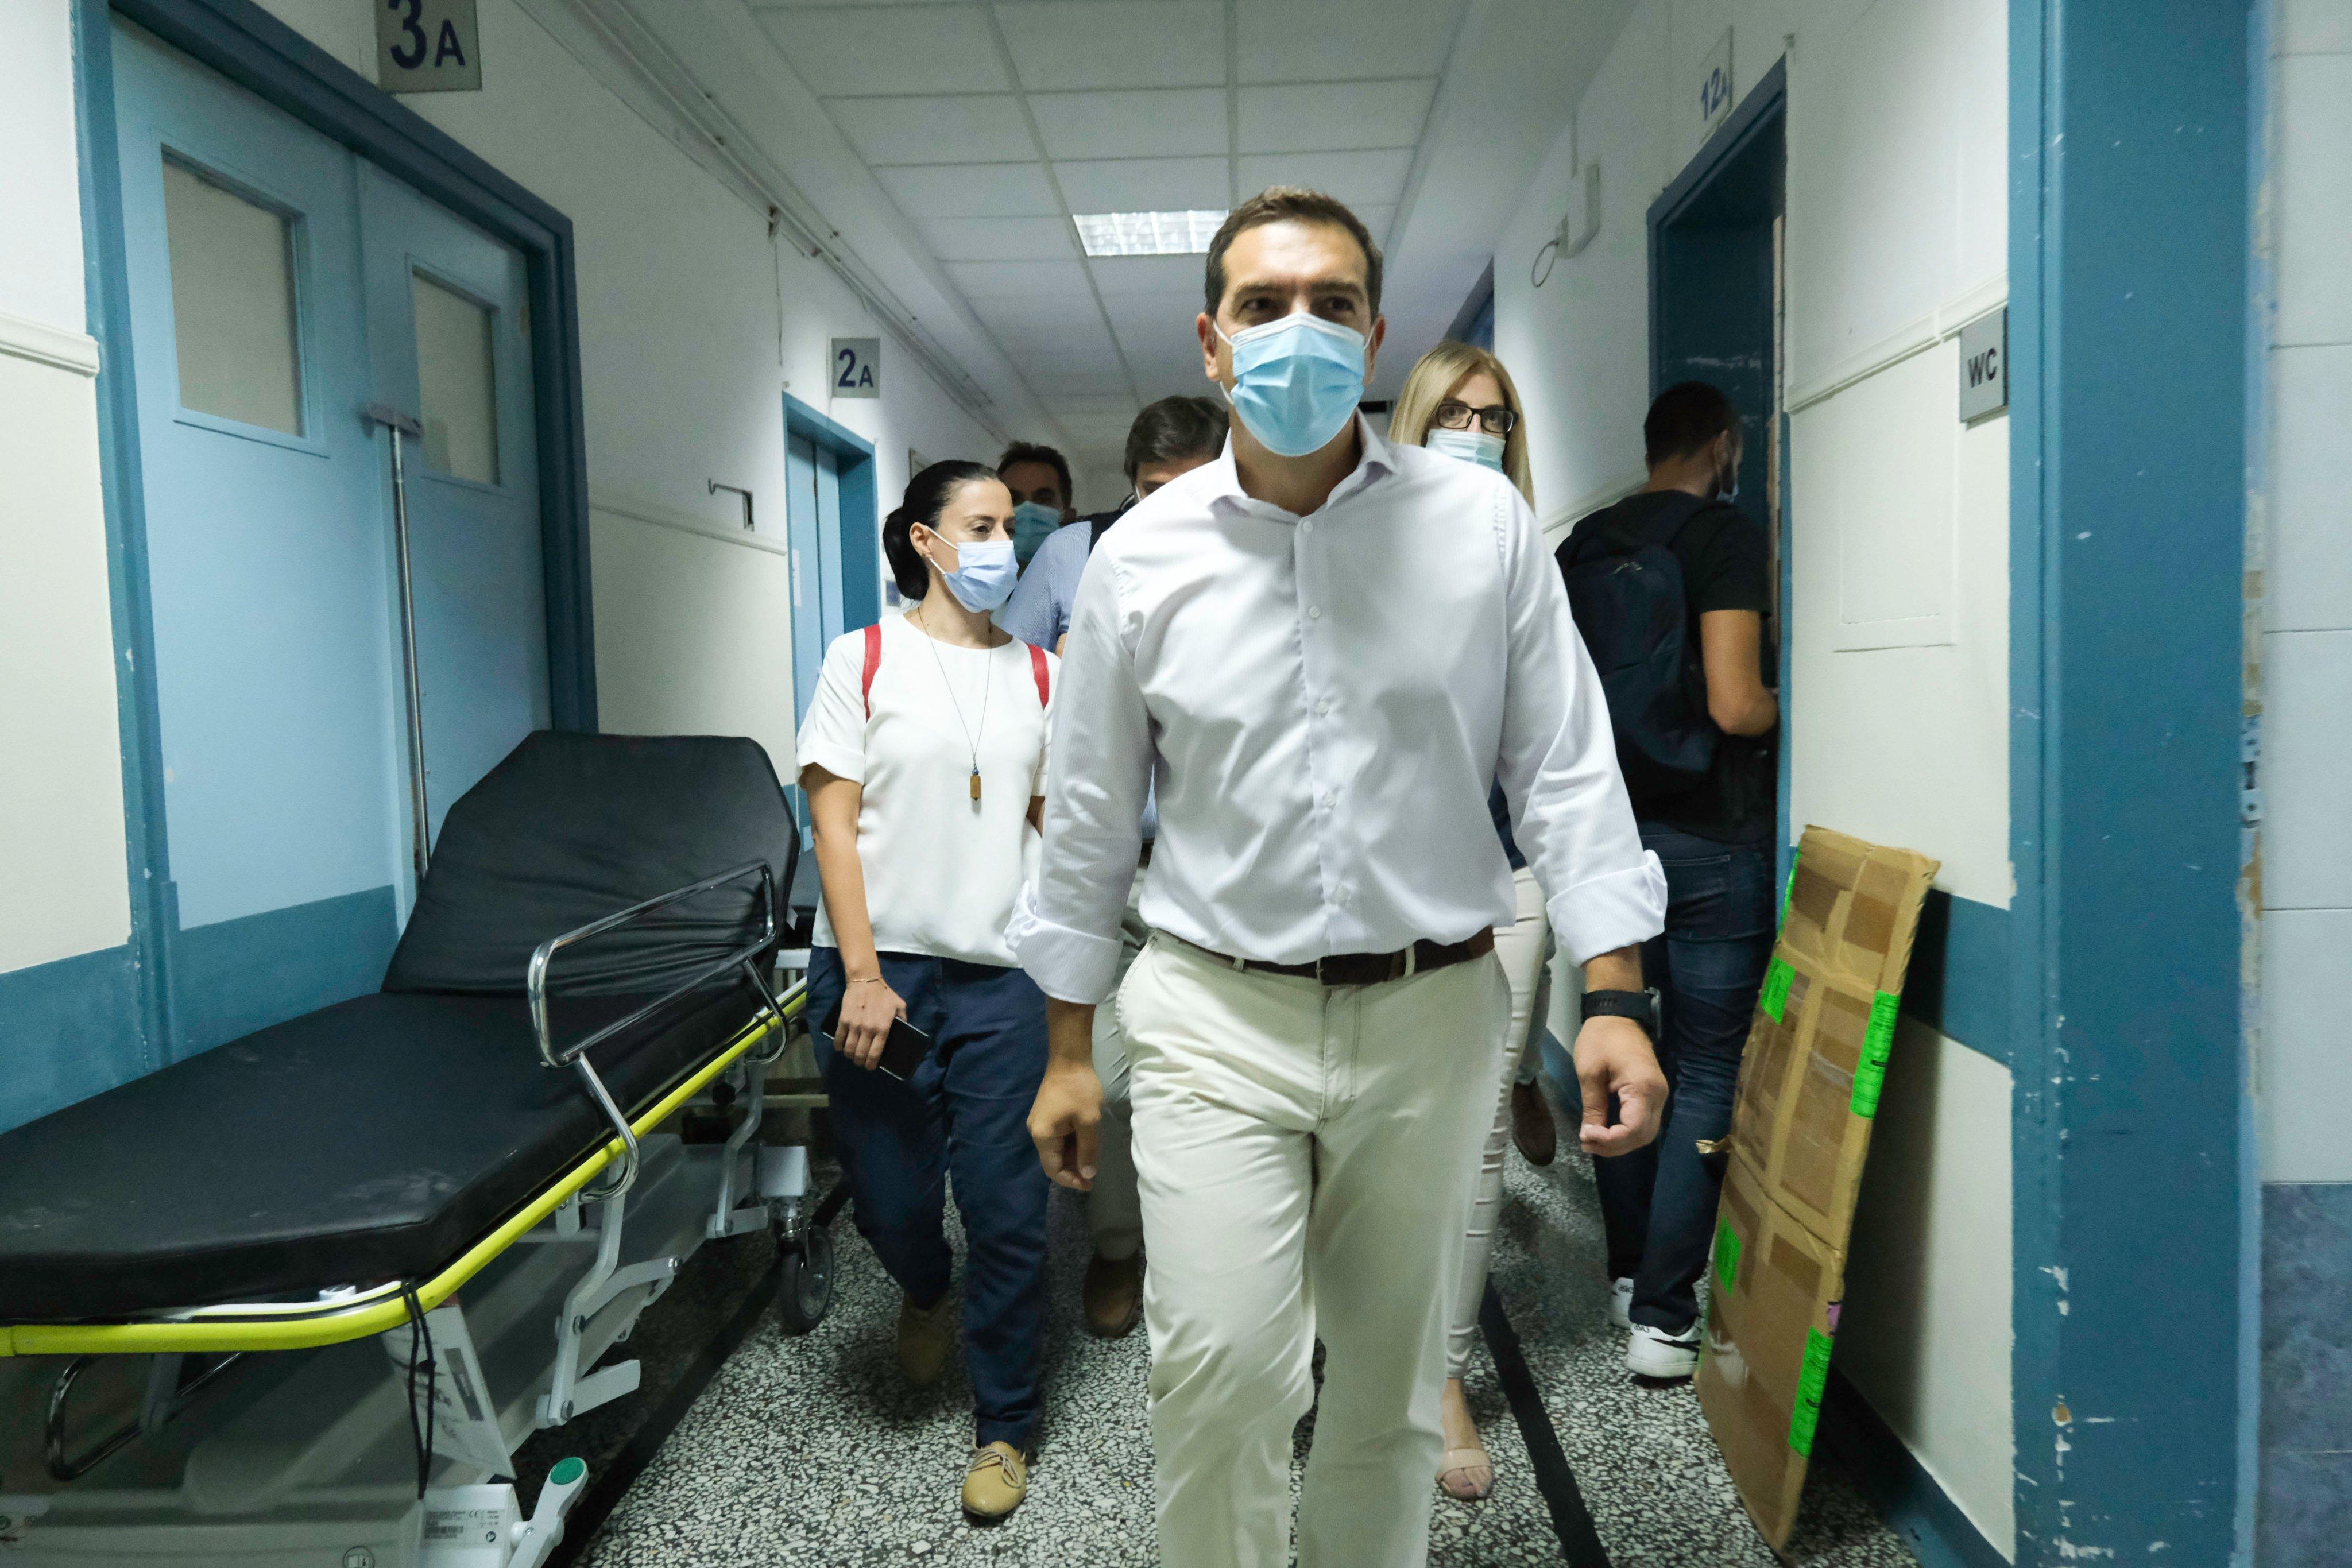 Αλ. Τσίπρας: H ευθύνη δεν ανήκει στους πολίτες και στους γιατρούς, η ευθύνη ανήκει στην κυβέρνηση - βίντεο